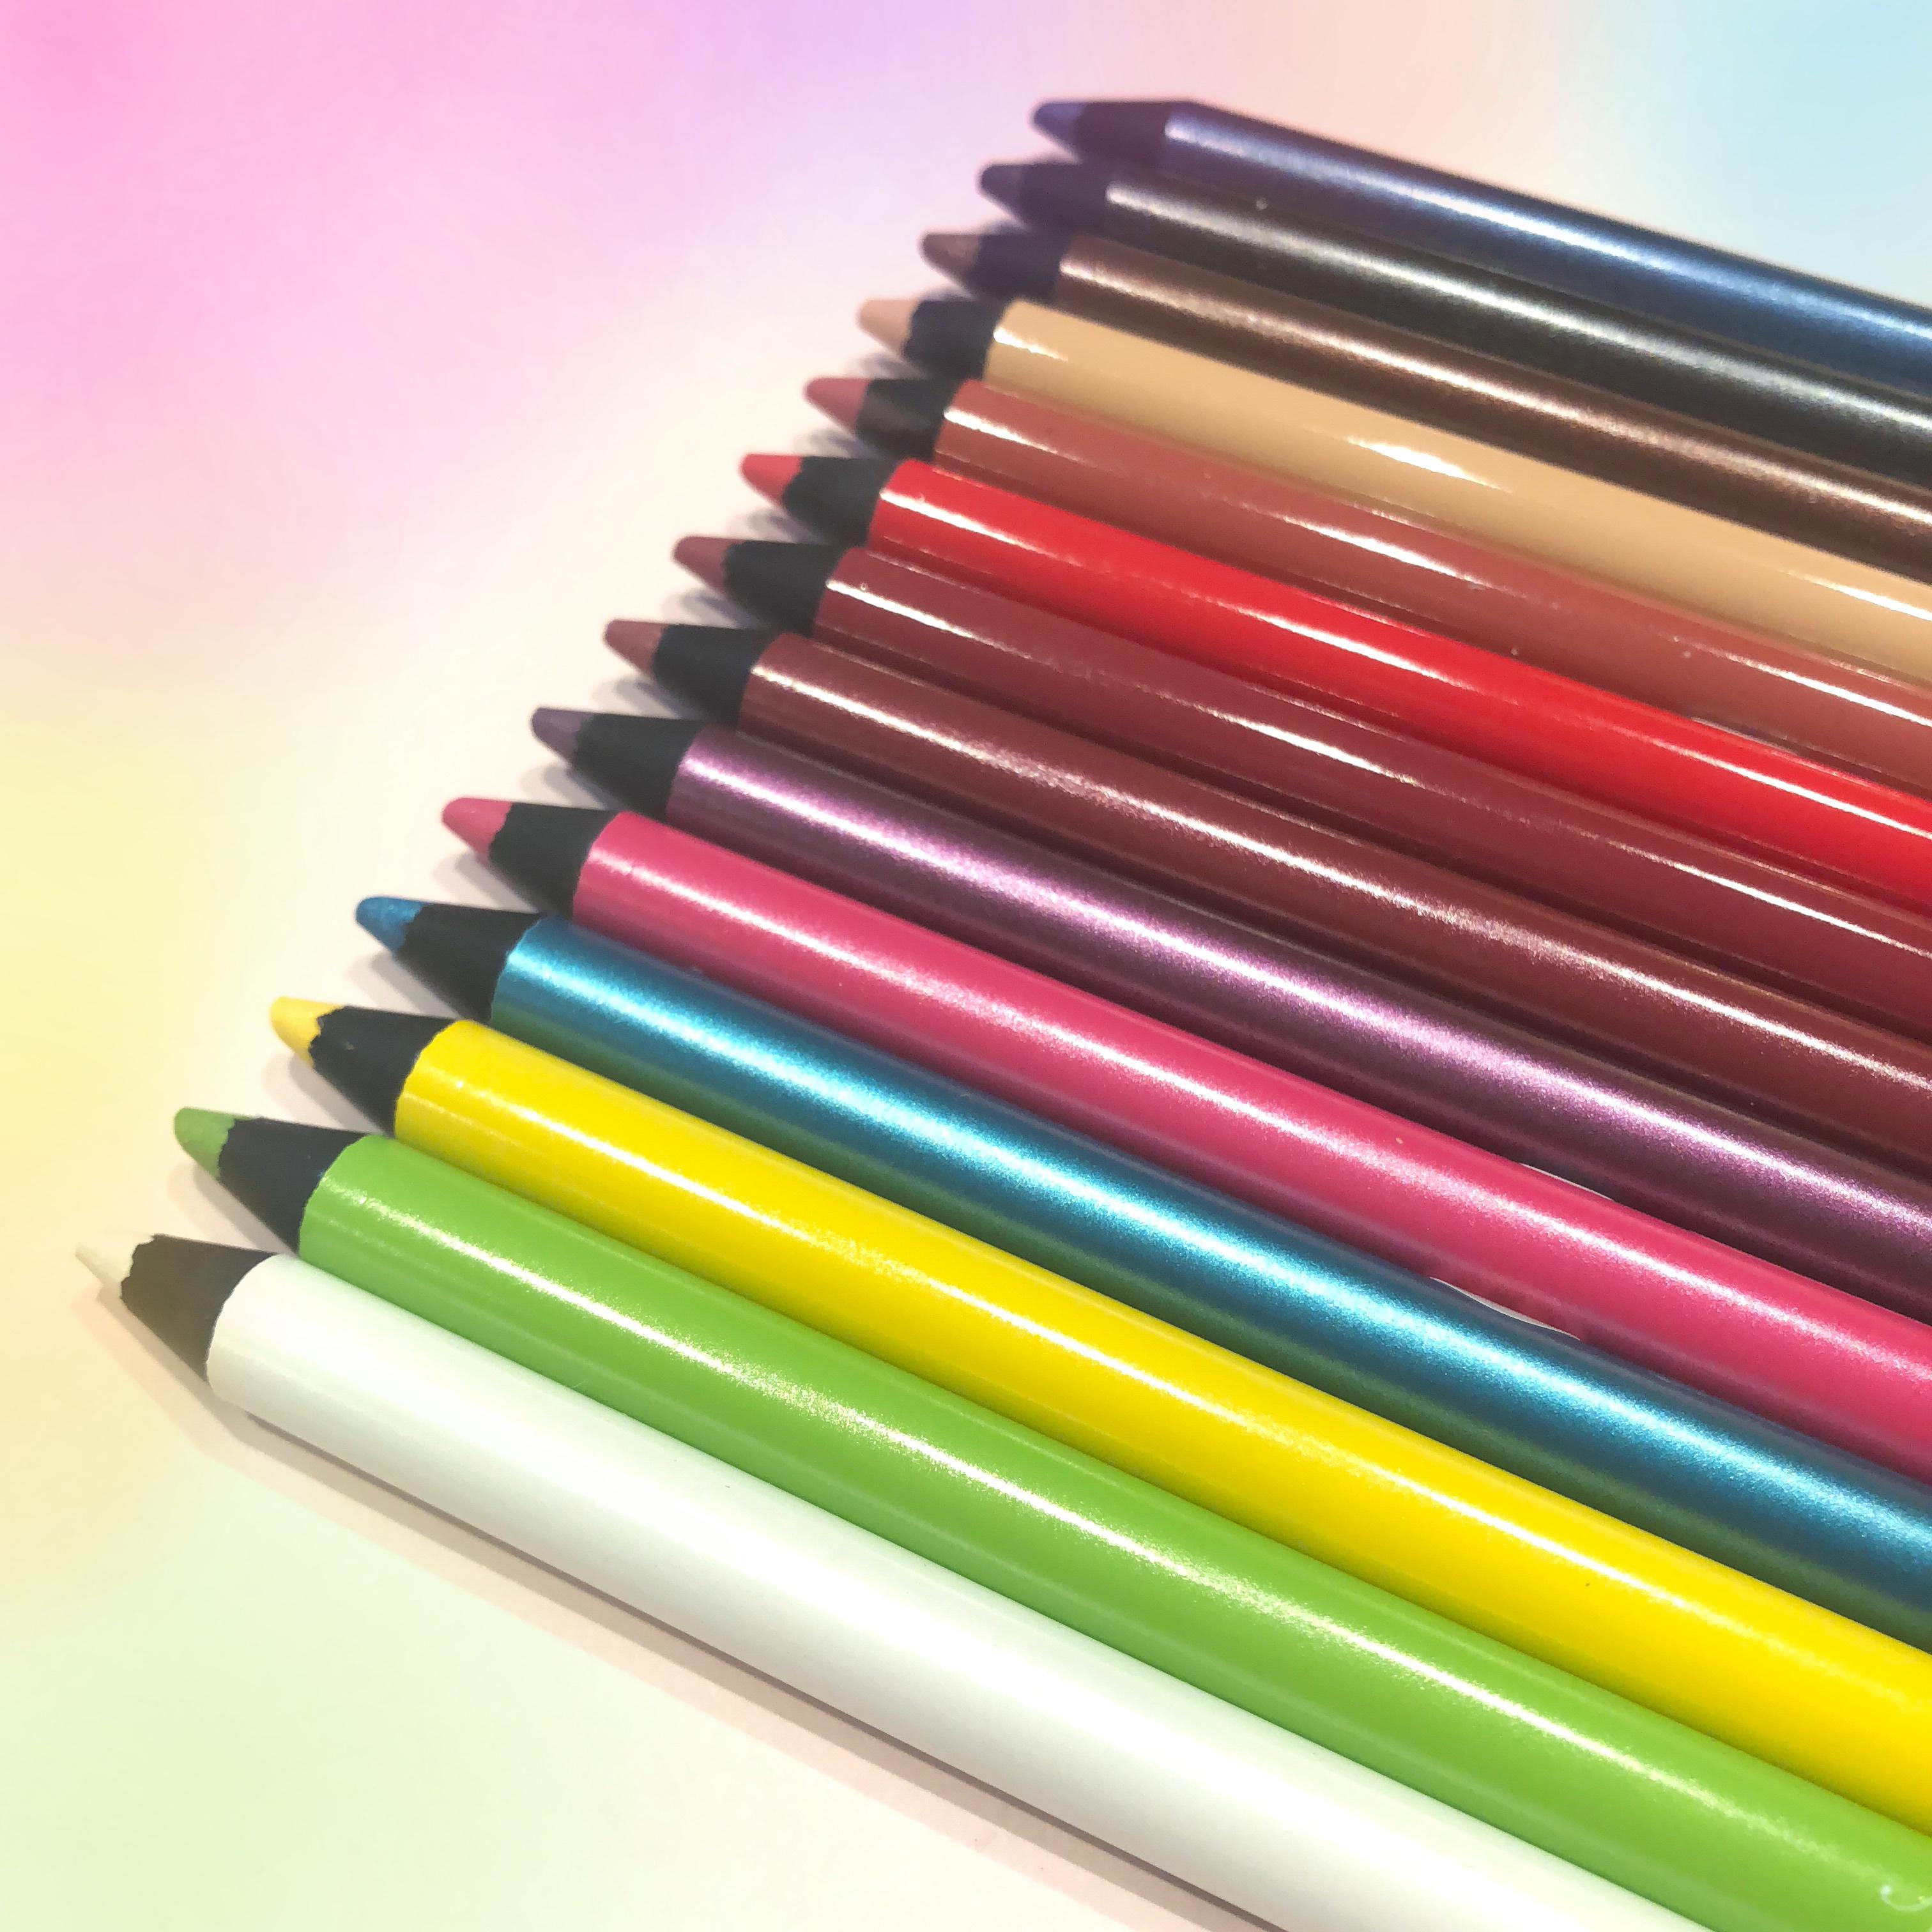 カラーメイクに挑戦したいならコレを選んで!『ヴィセ アヴァン』の新作カラーペンシル、ライターゆうりが激推し!!_1